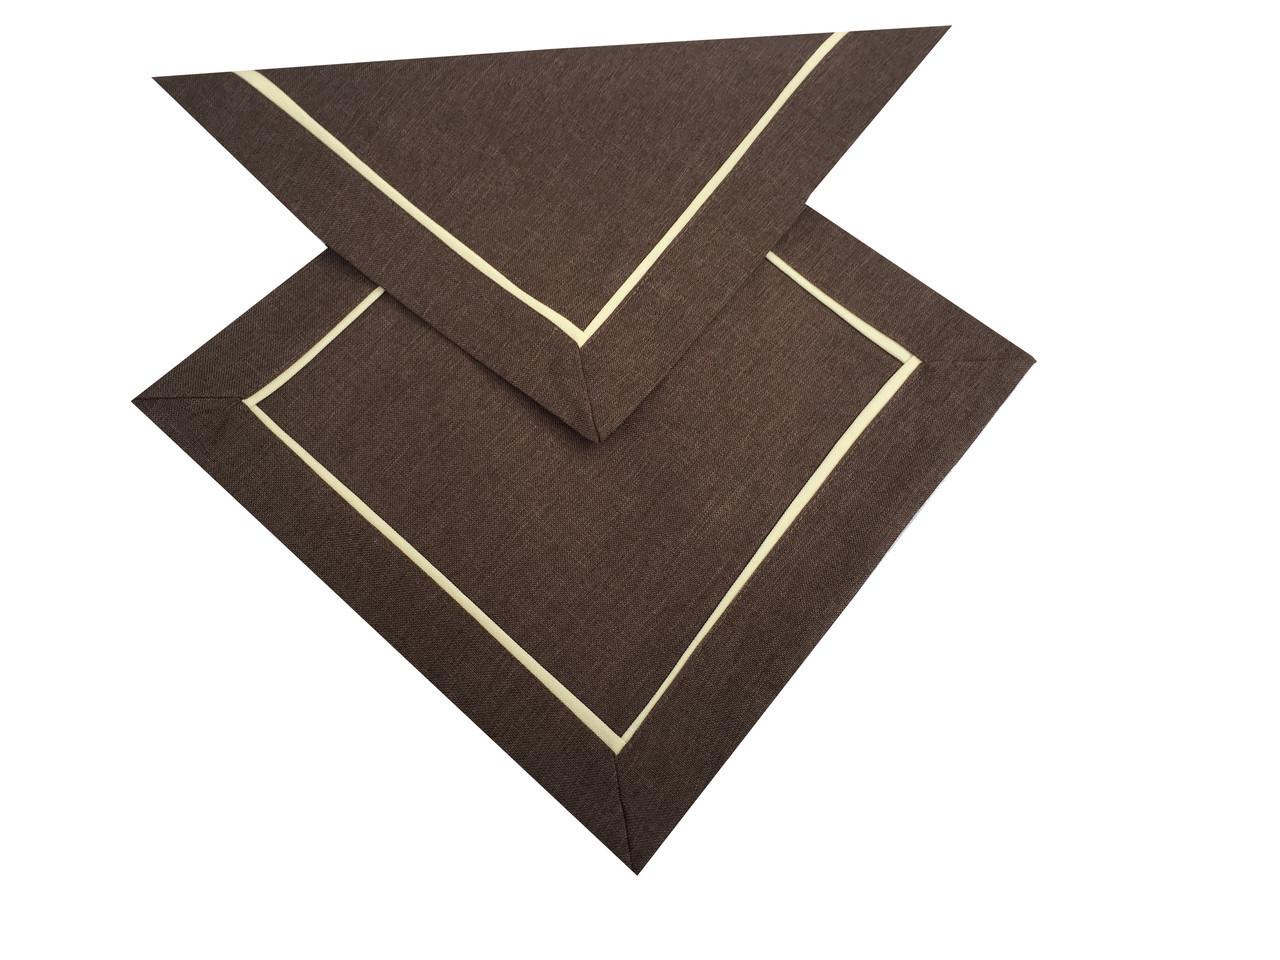 Сервірувальна однотонна серветка 30-30 см шоколадного кольору